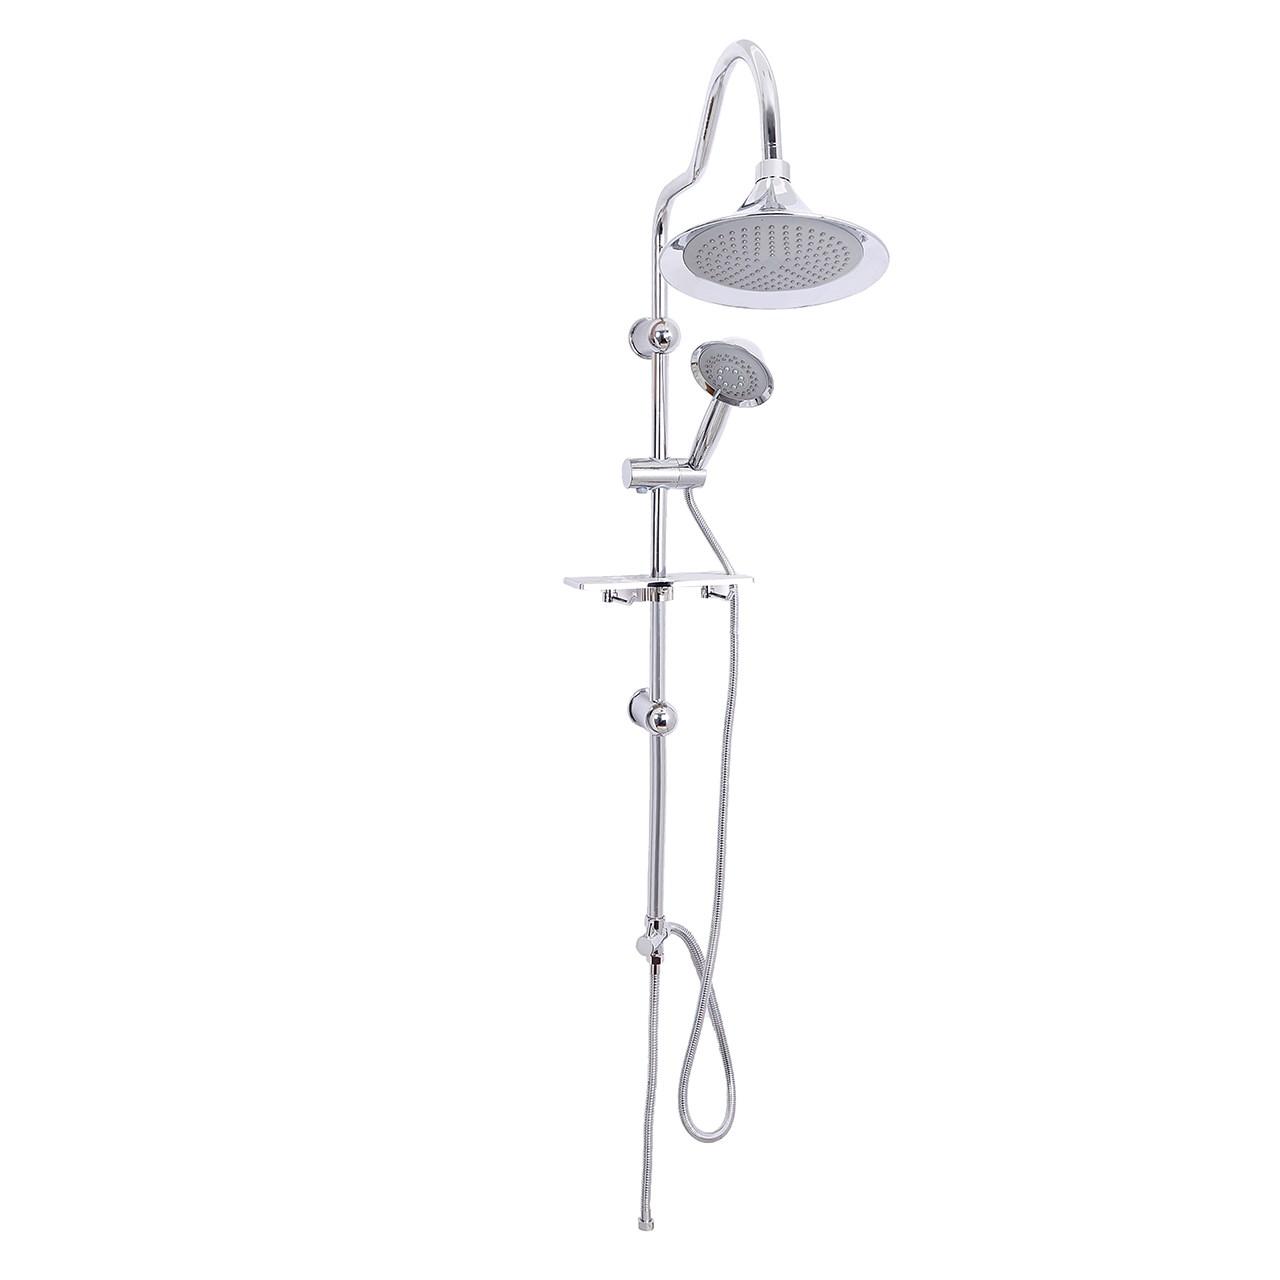 قیمت                                      دوش حمام شیرکس مدل صدف کد 2